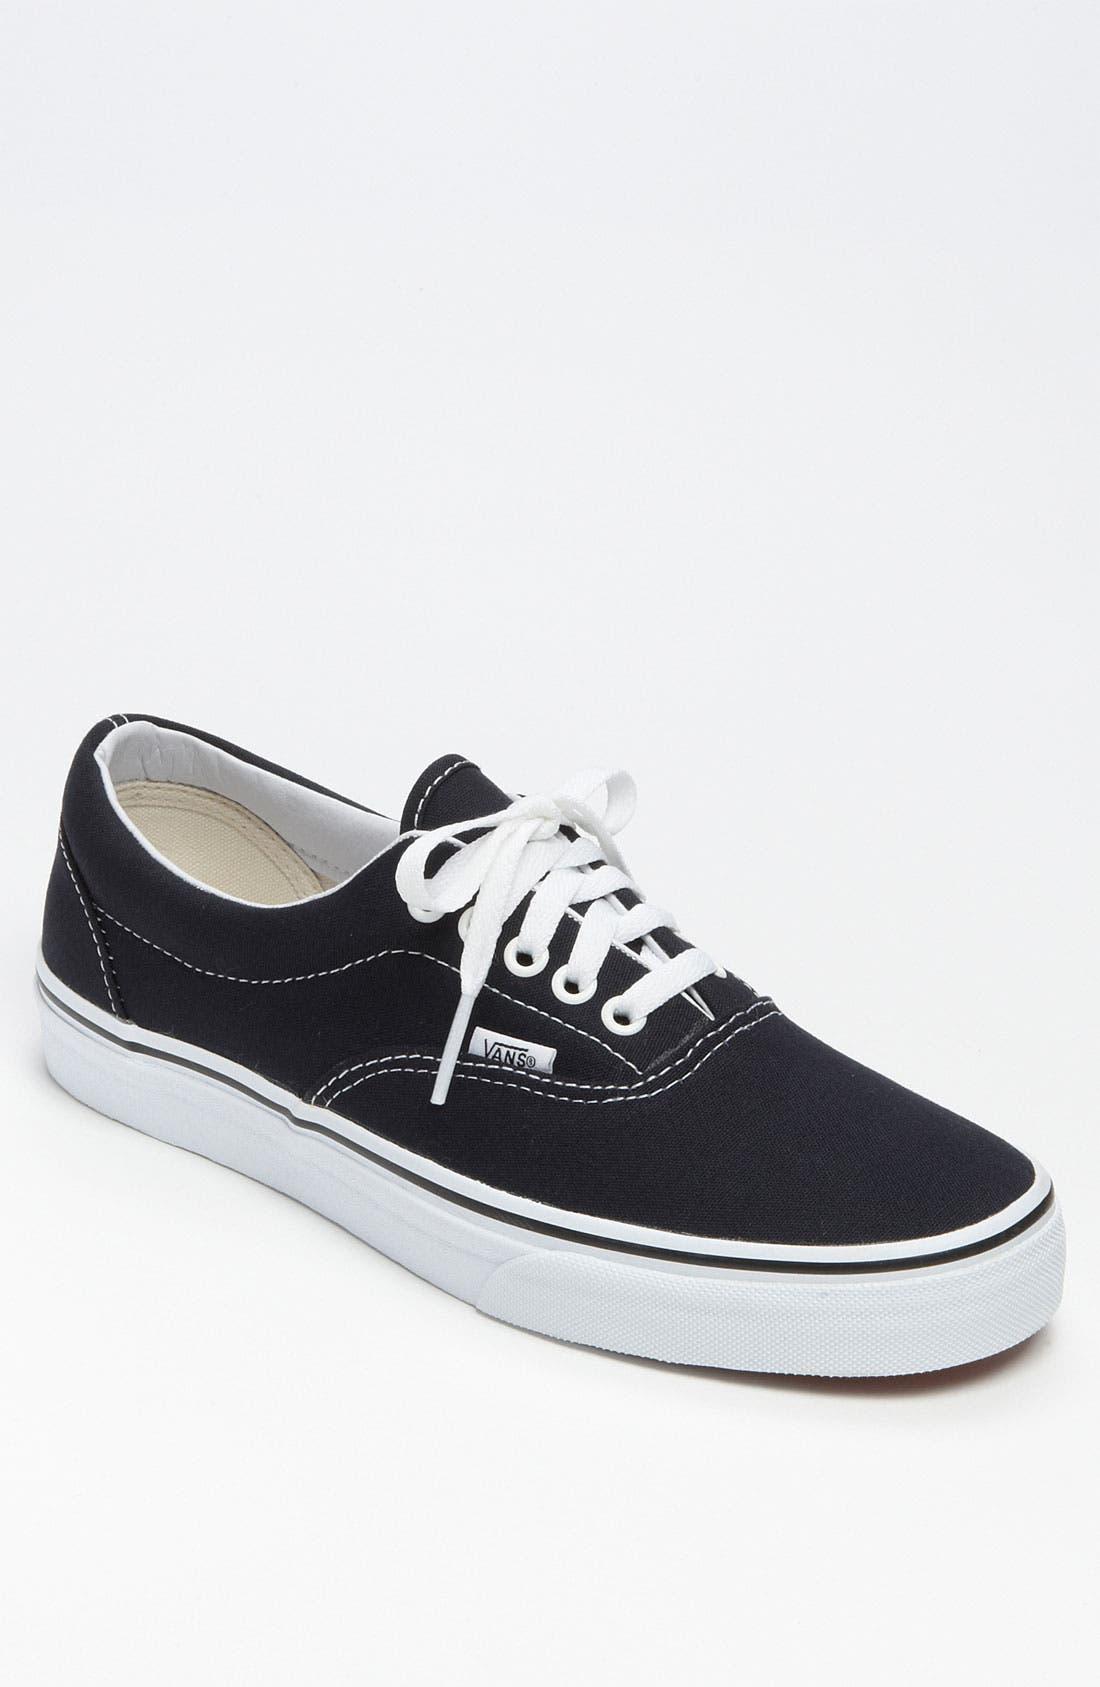 Alternate Image 1 Selected - Vans 'Era' Sneaker (Men)